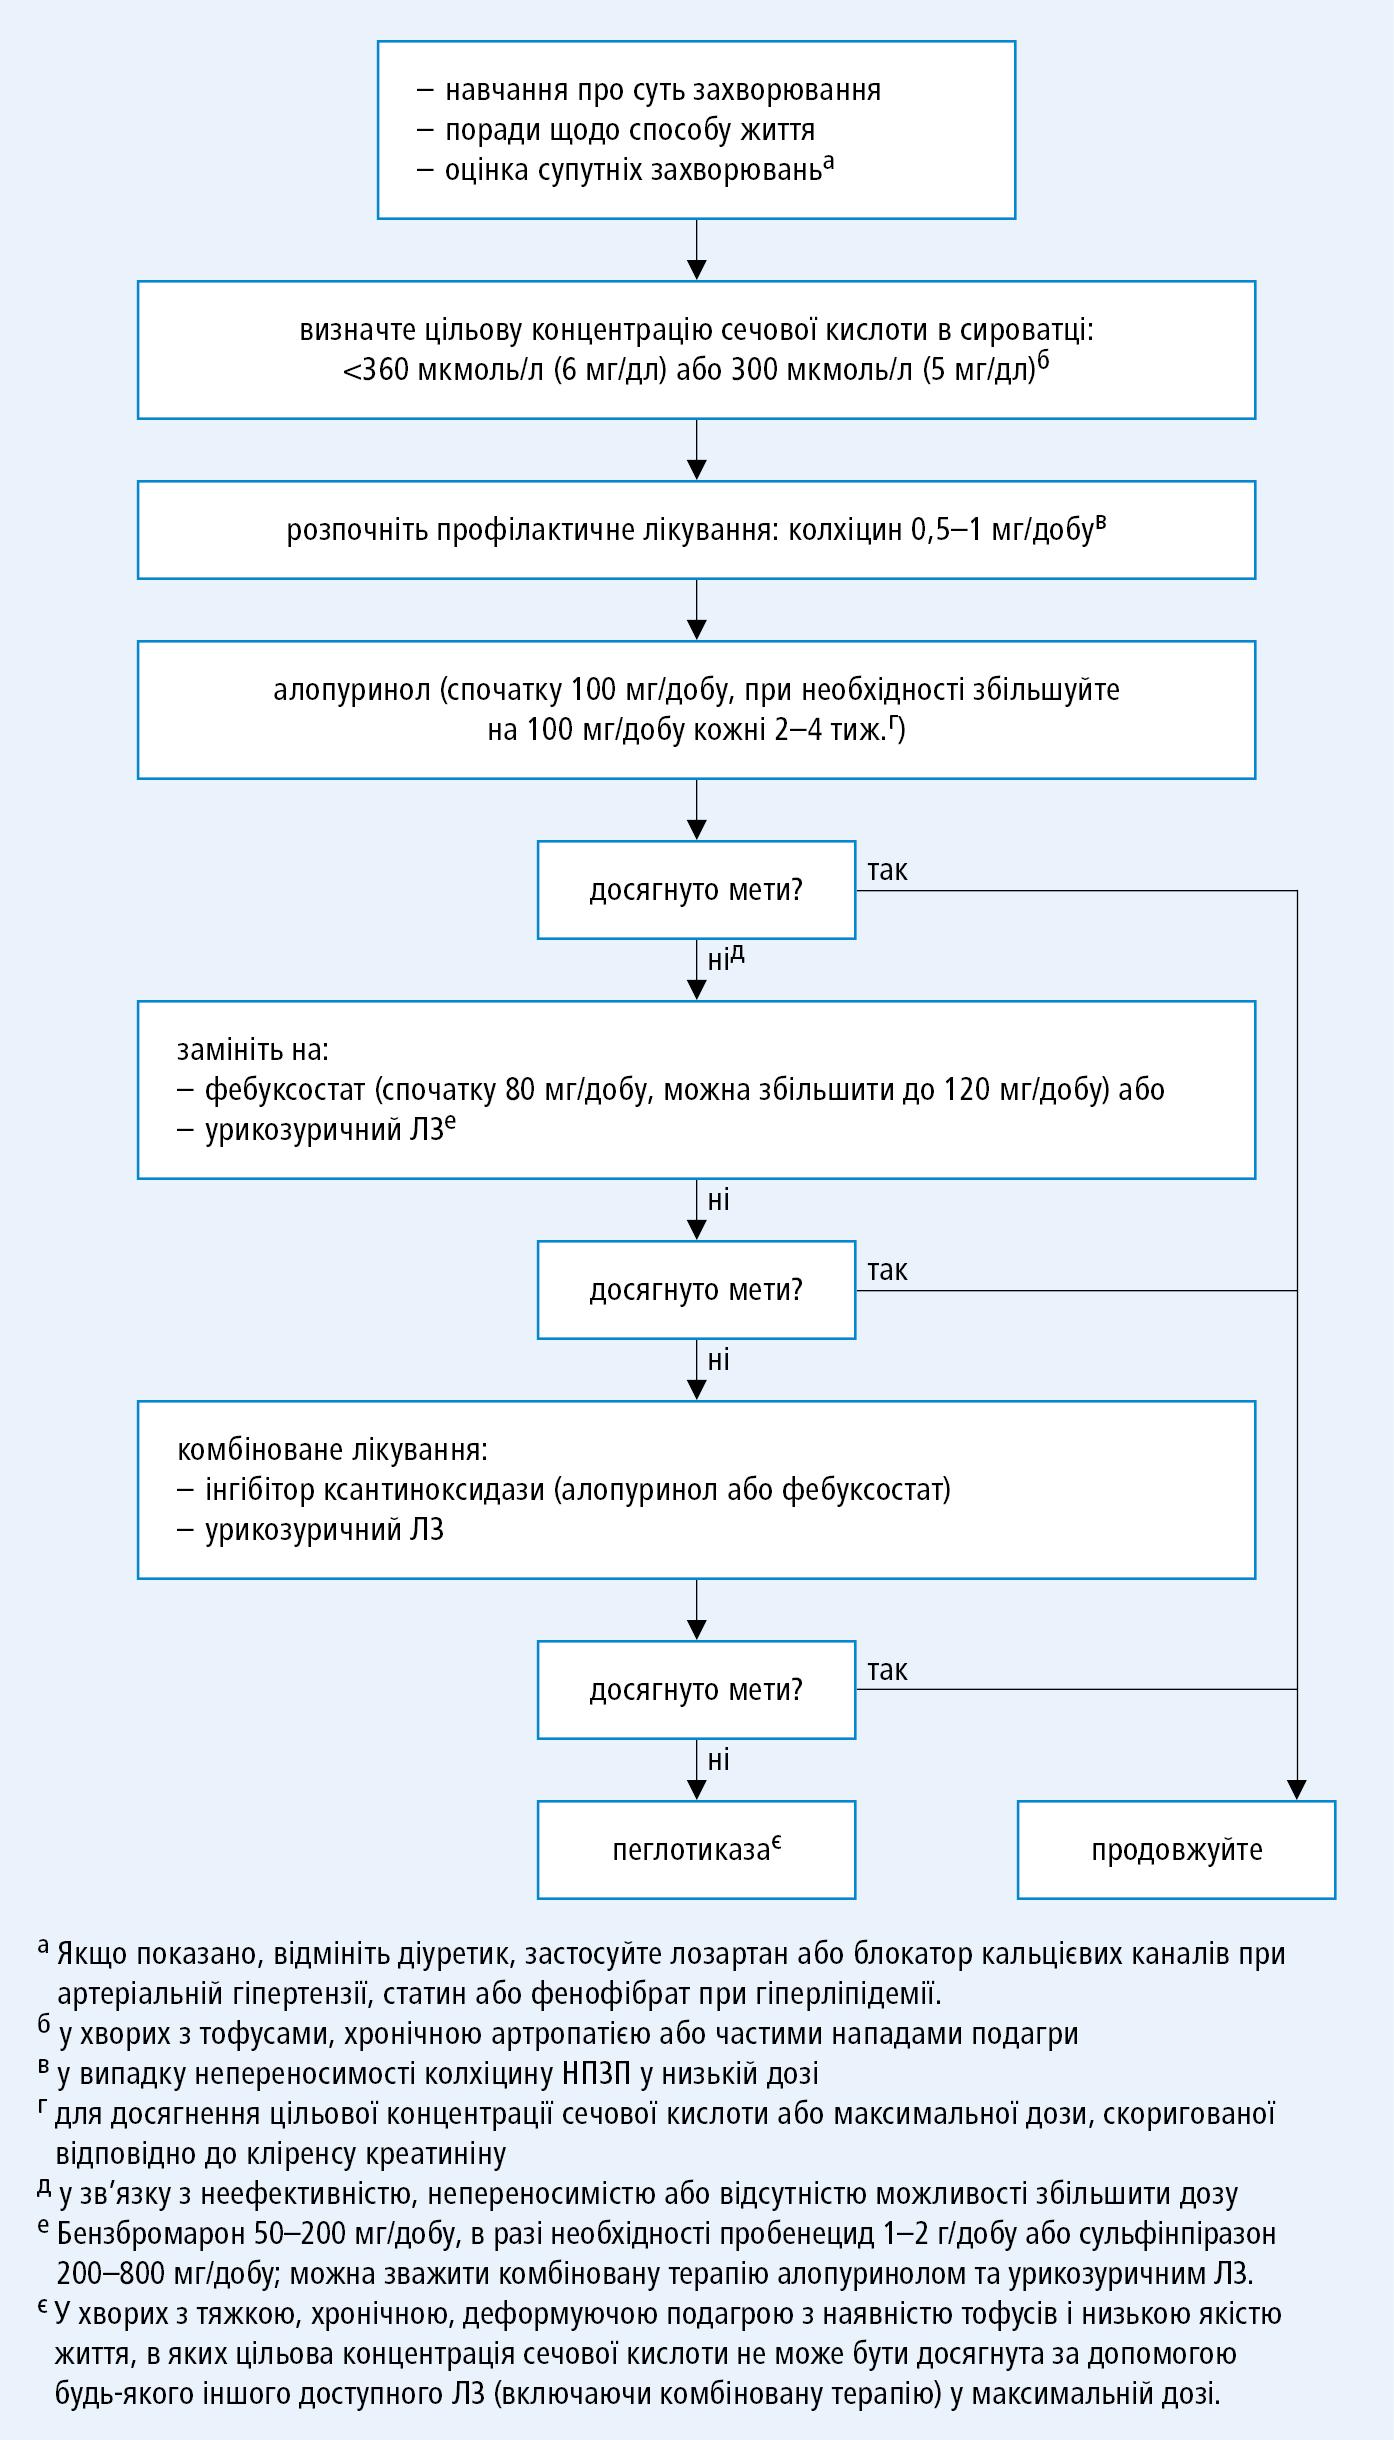 Лікування, яке знижує рівень сечової кислоти відповідно до EULAR 2016